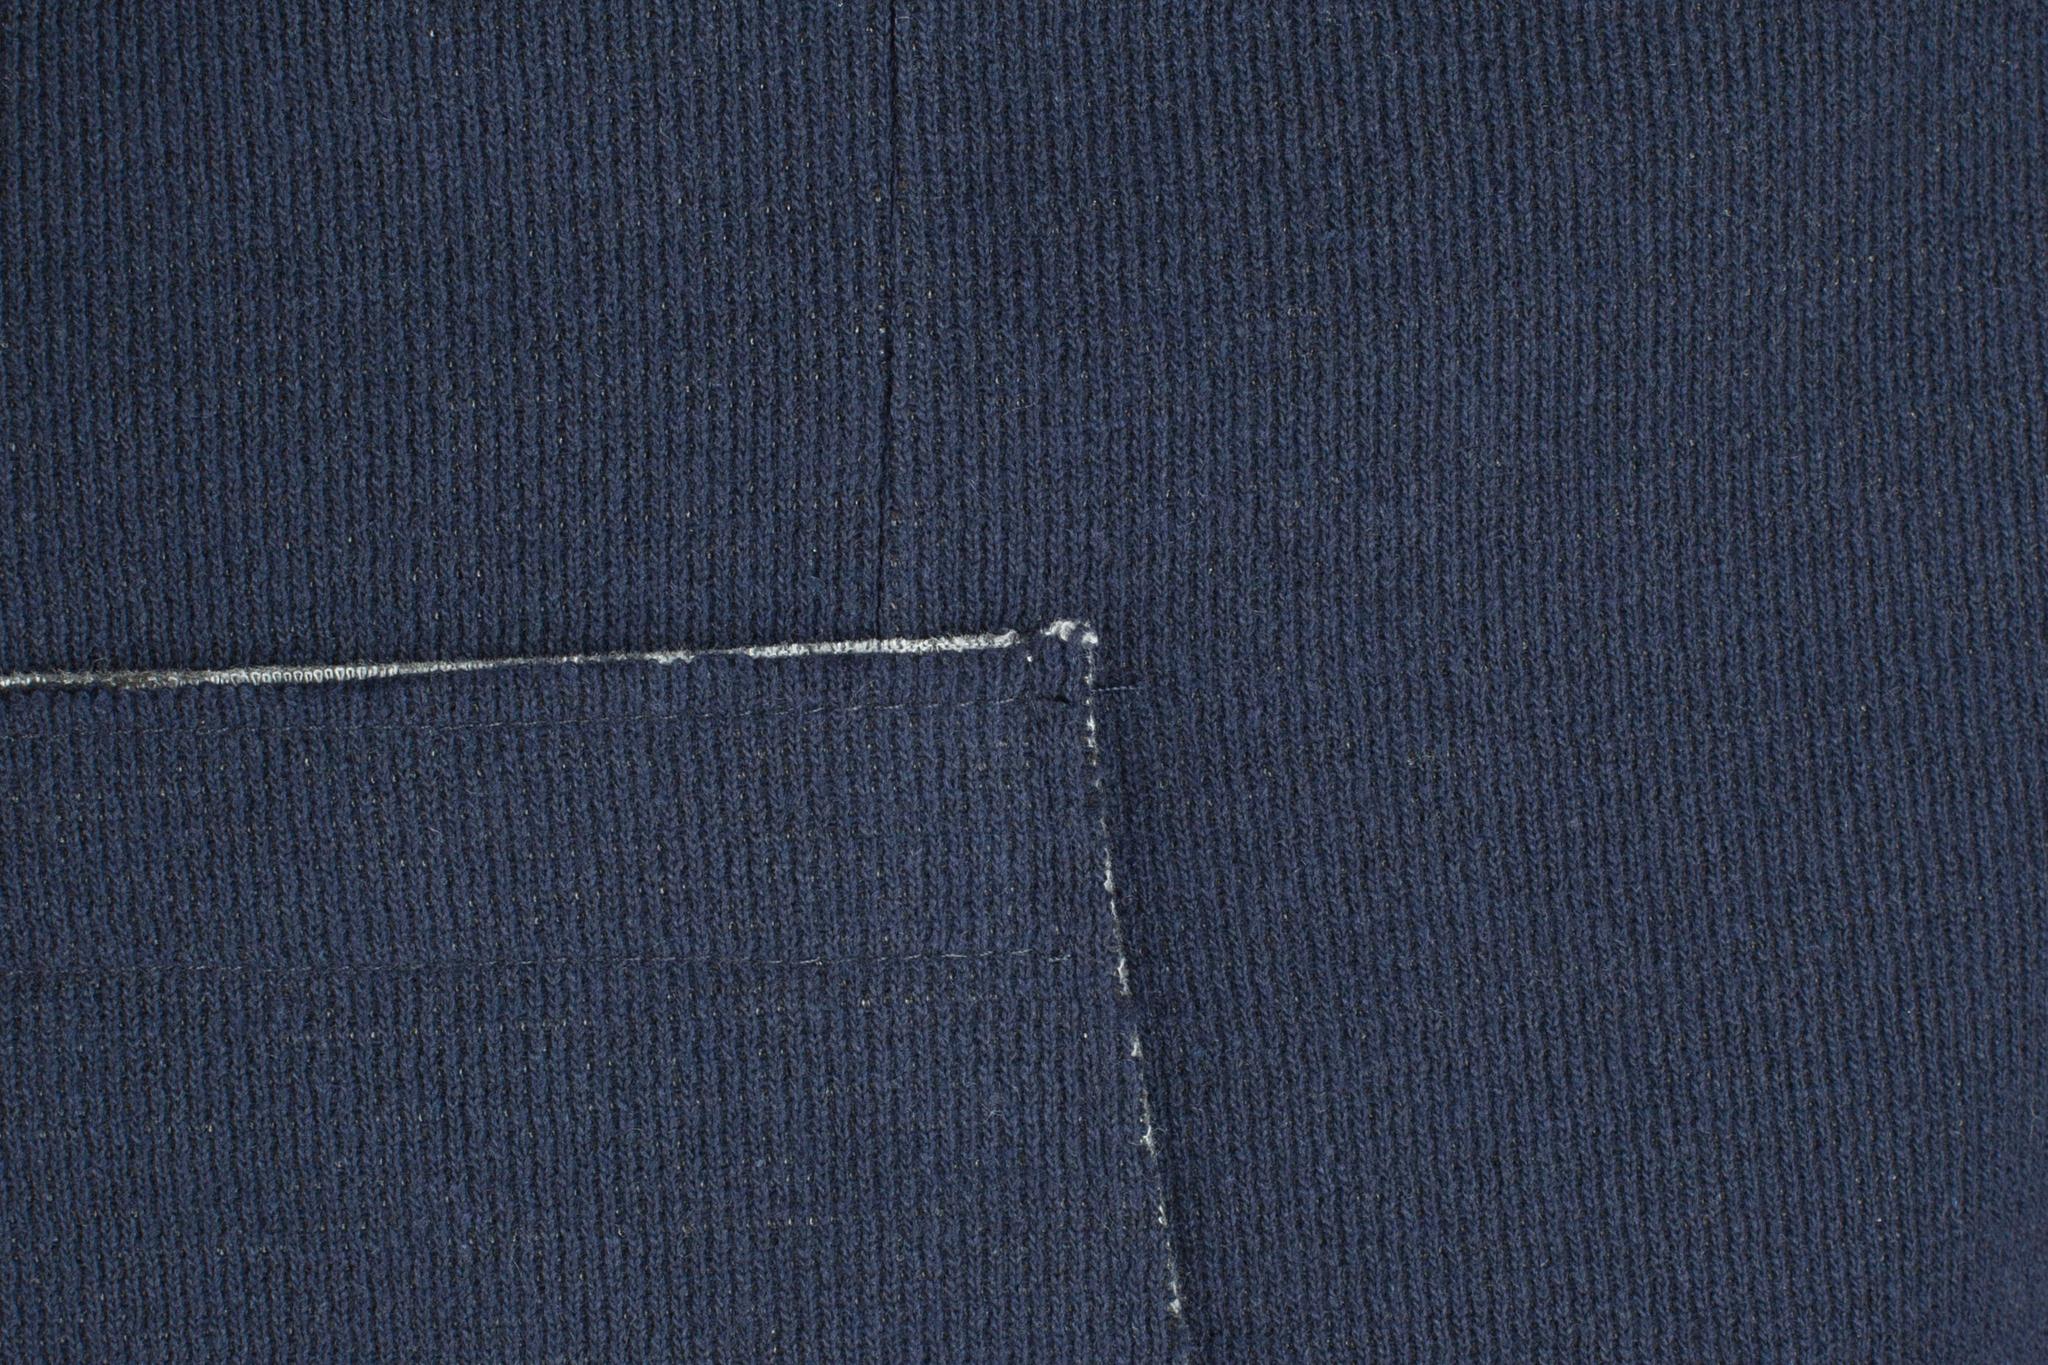 Тёмно-синий трикотажный пиджак из смеси хлопка и вискозы